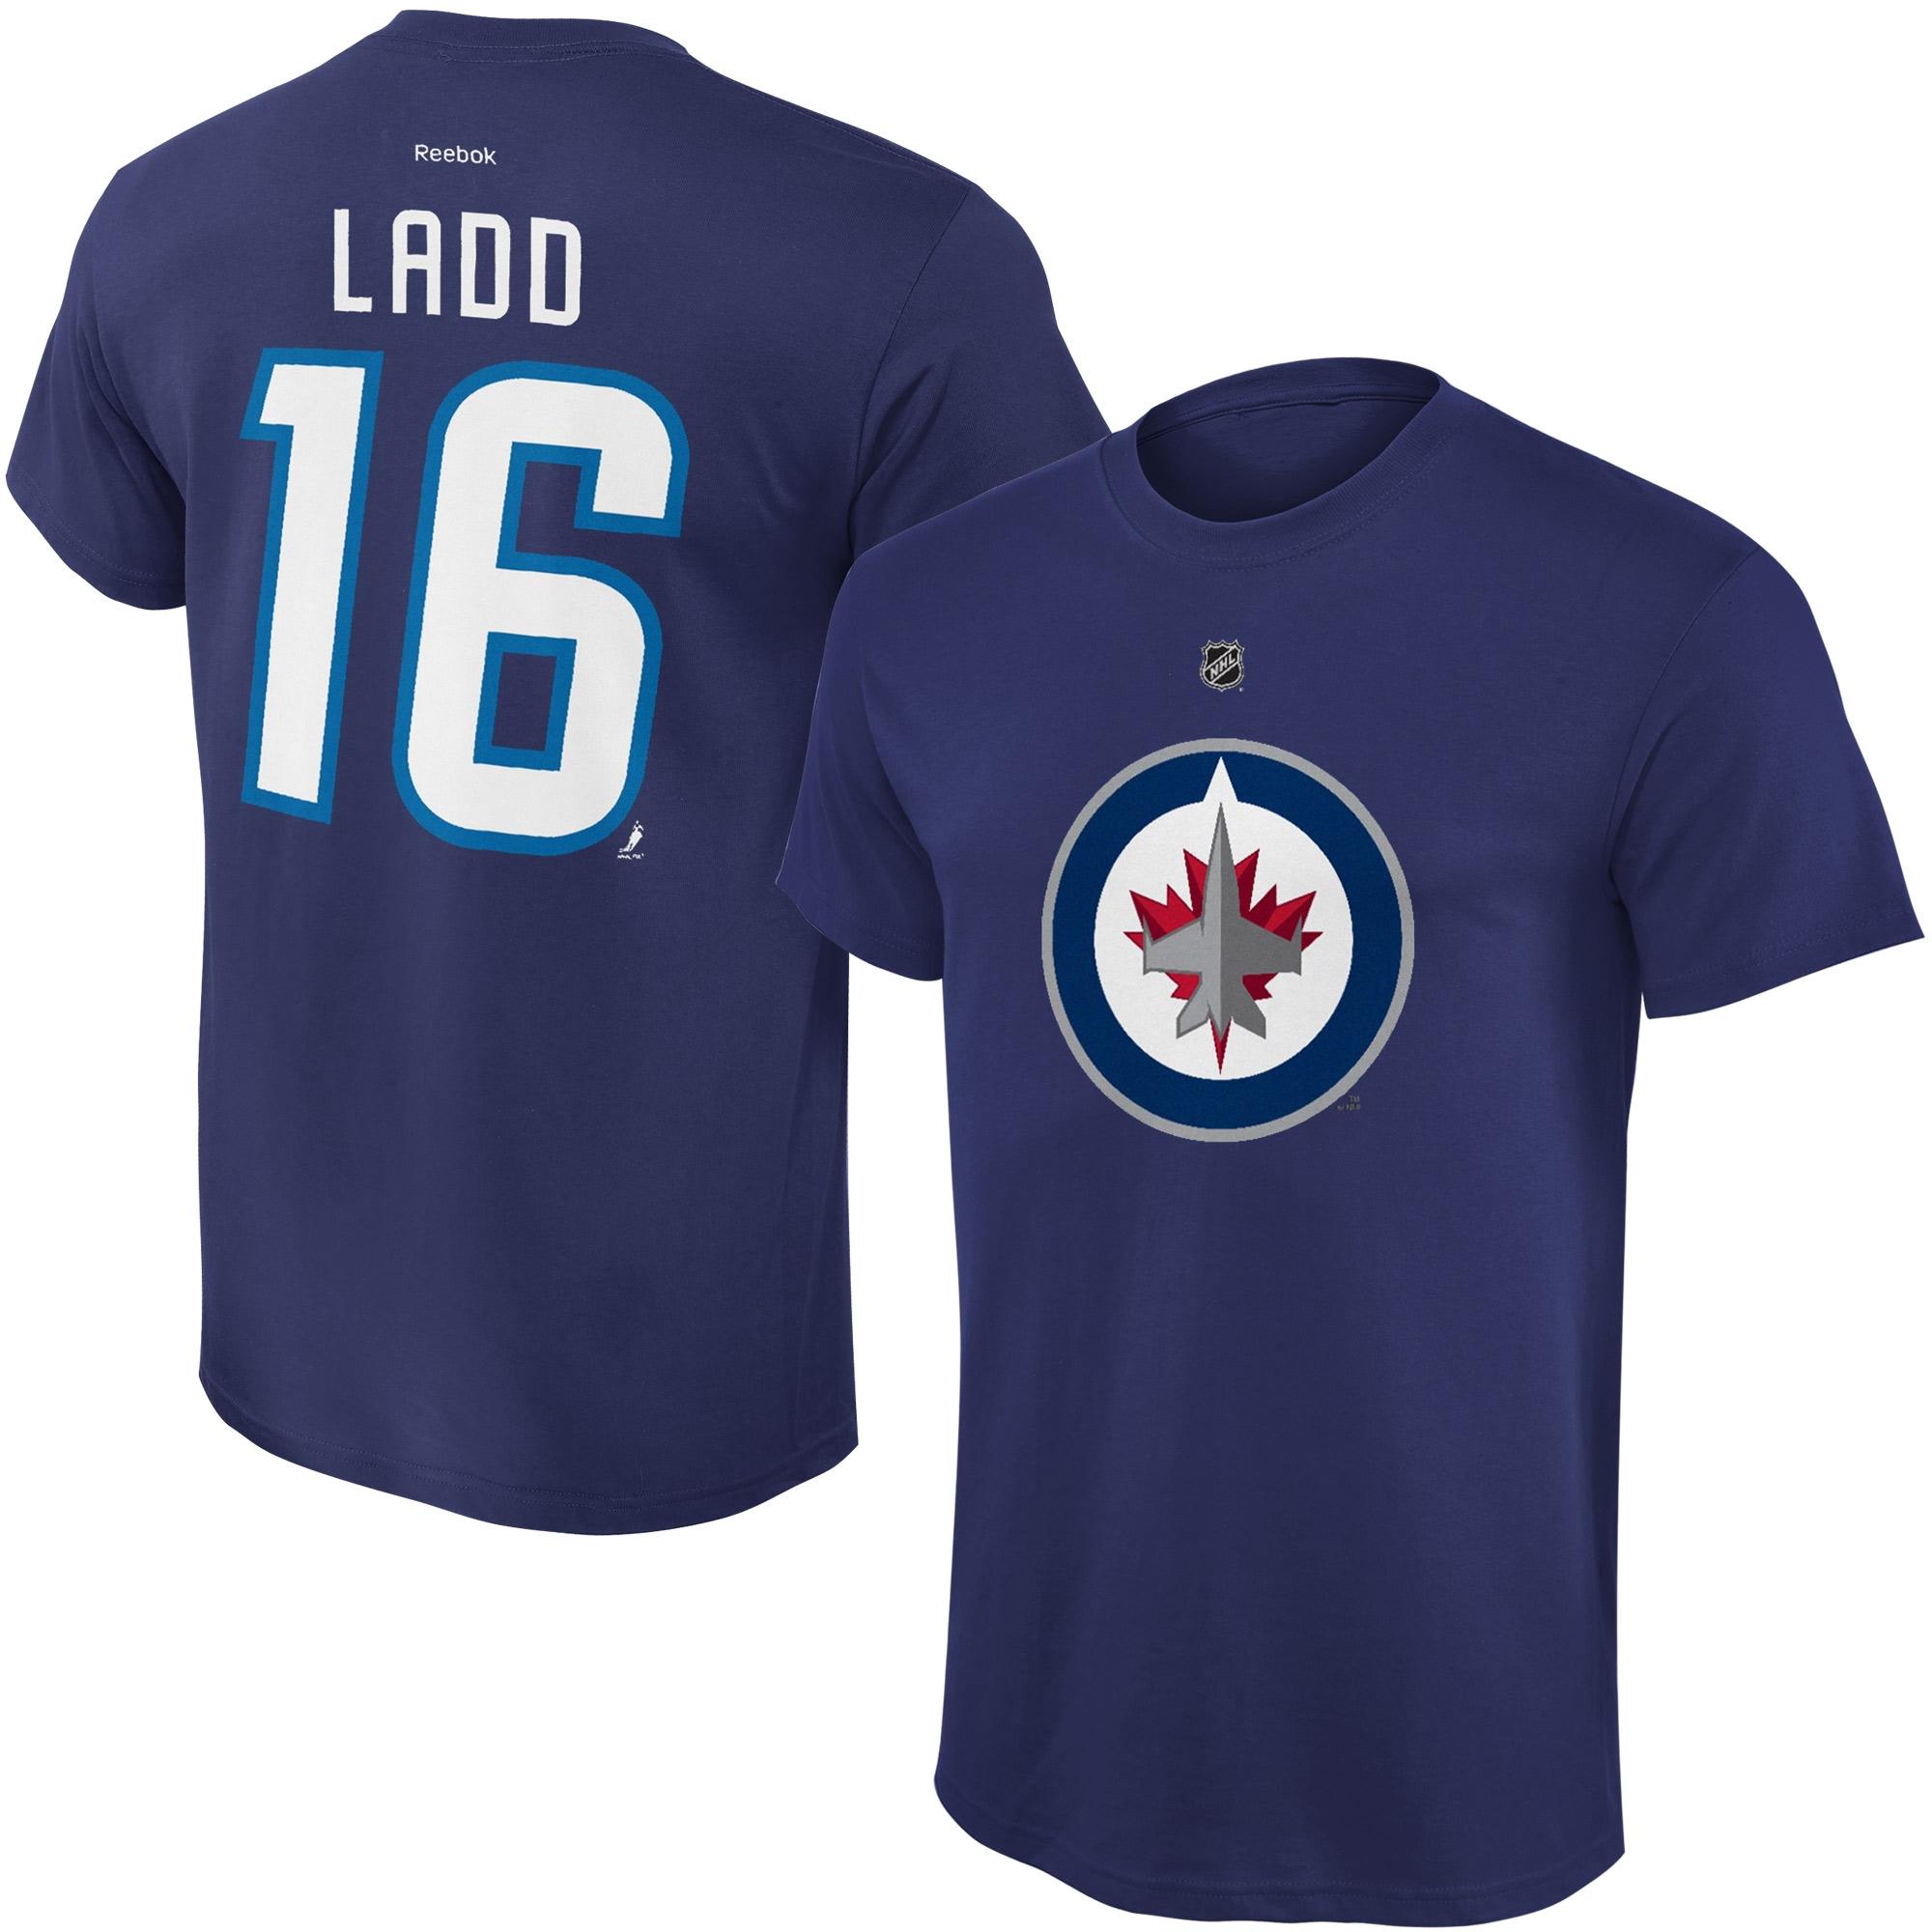 Reebok Dětské tričko Andrew Ladd Winnipeg Jets NHL Name & Number Velikost: Dětské S (6 - 8 let)